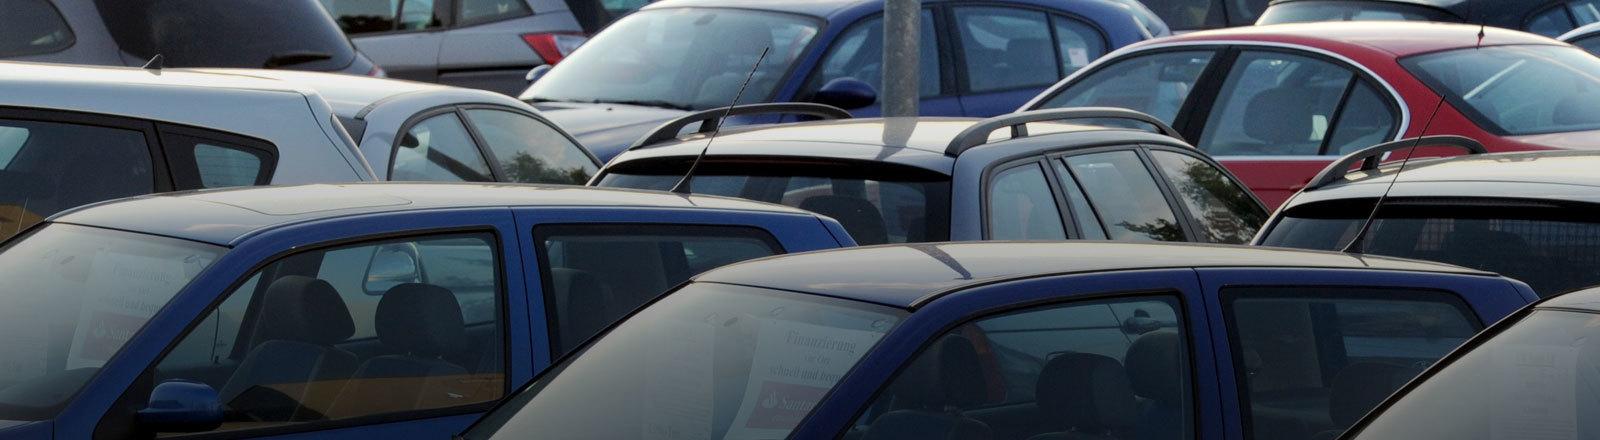 Gebrauchtwagen auf einem Parkplatz